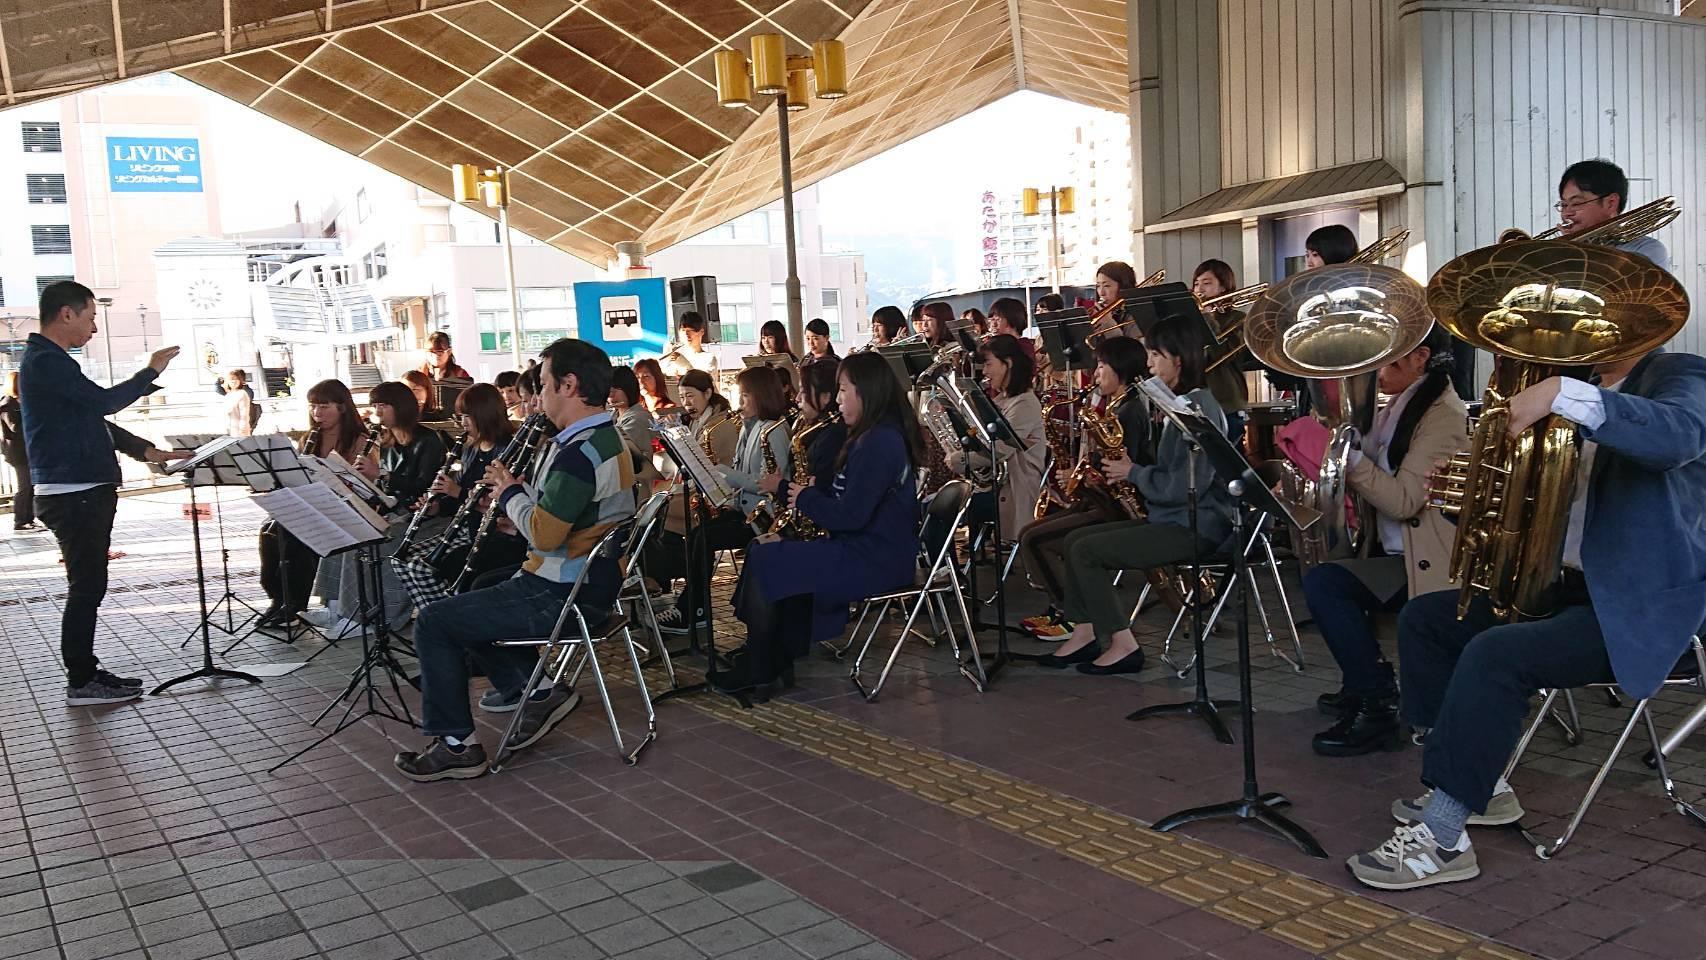 びわ湖浜大津駅コンサート_d0315355_21244116.jpg